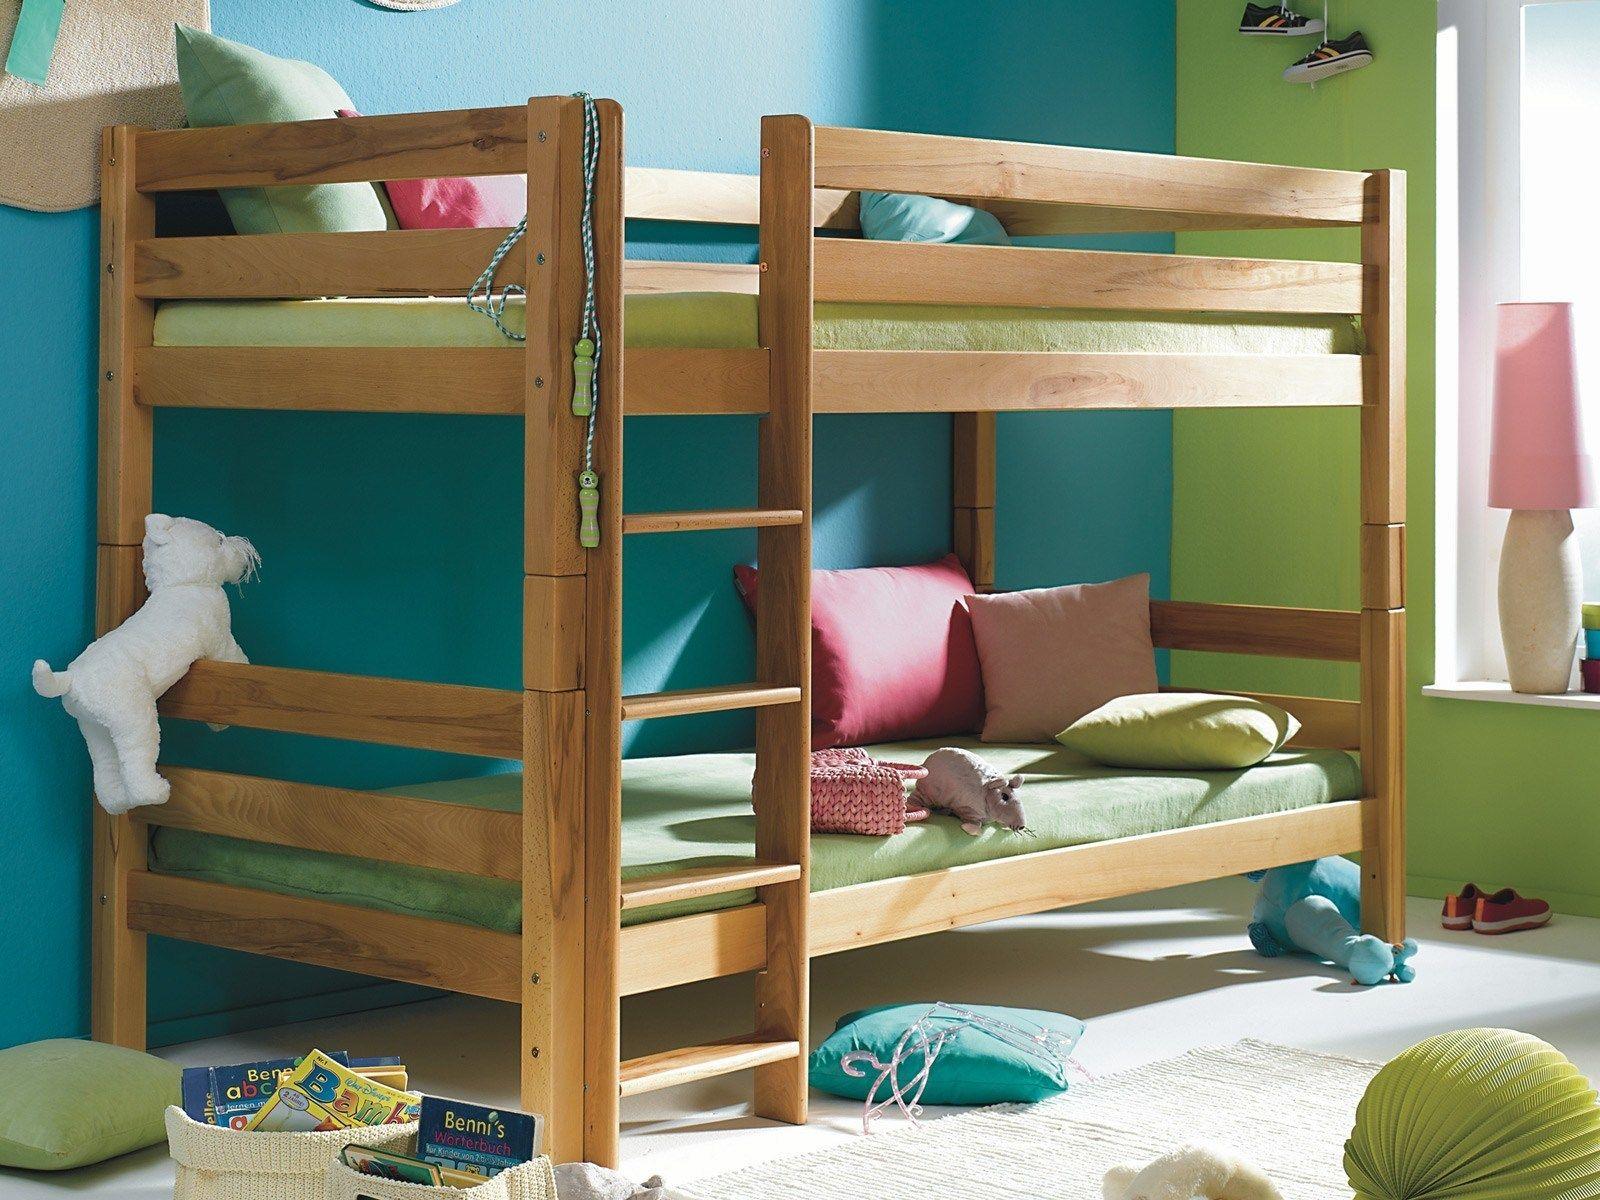 Etagenbett Unten Doppelbett : Doppelbett hochbett mit schublade schrank in niedersachsen